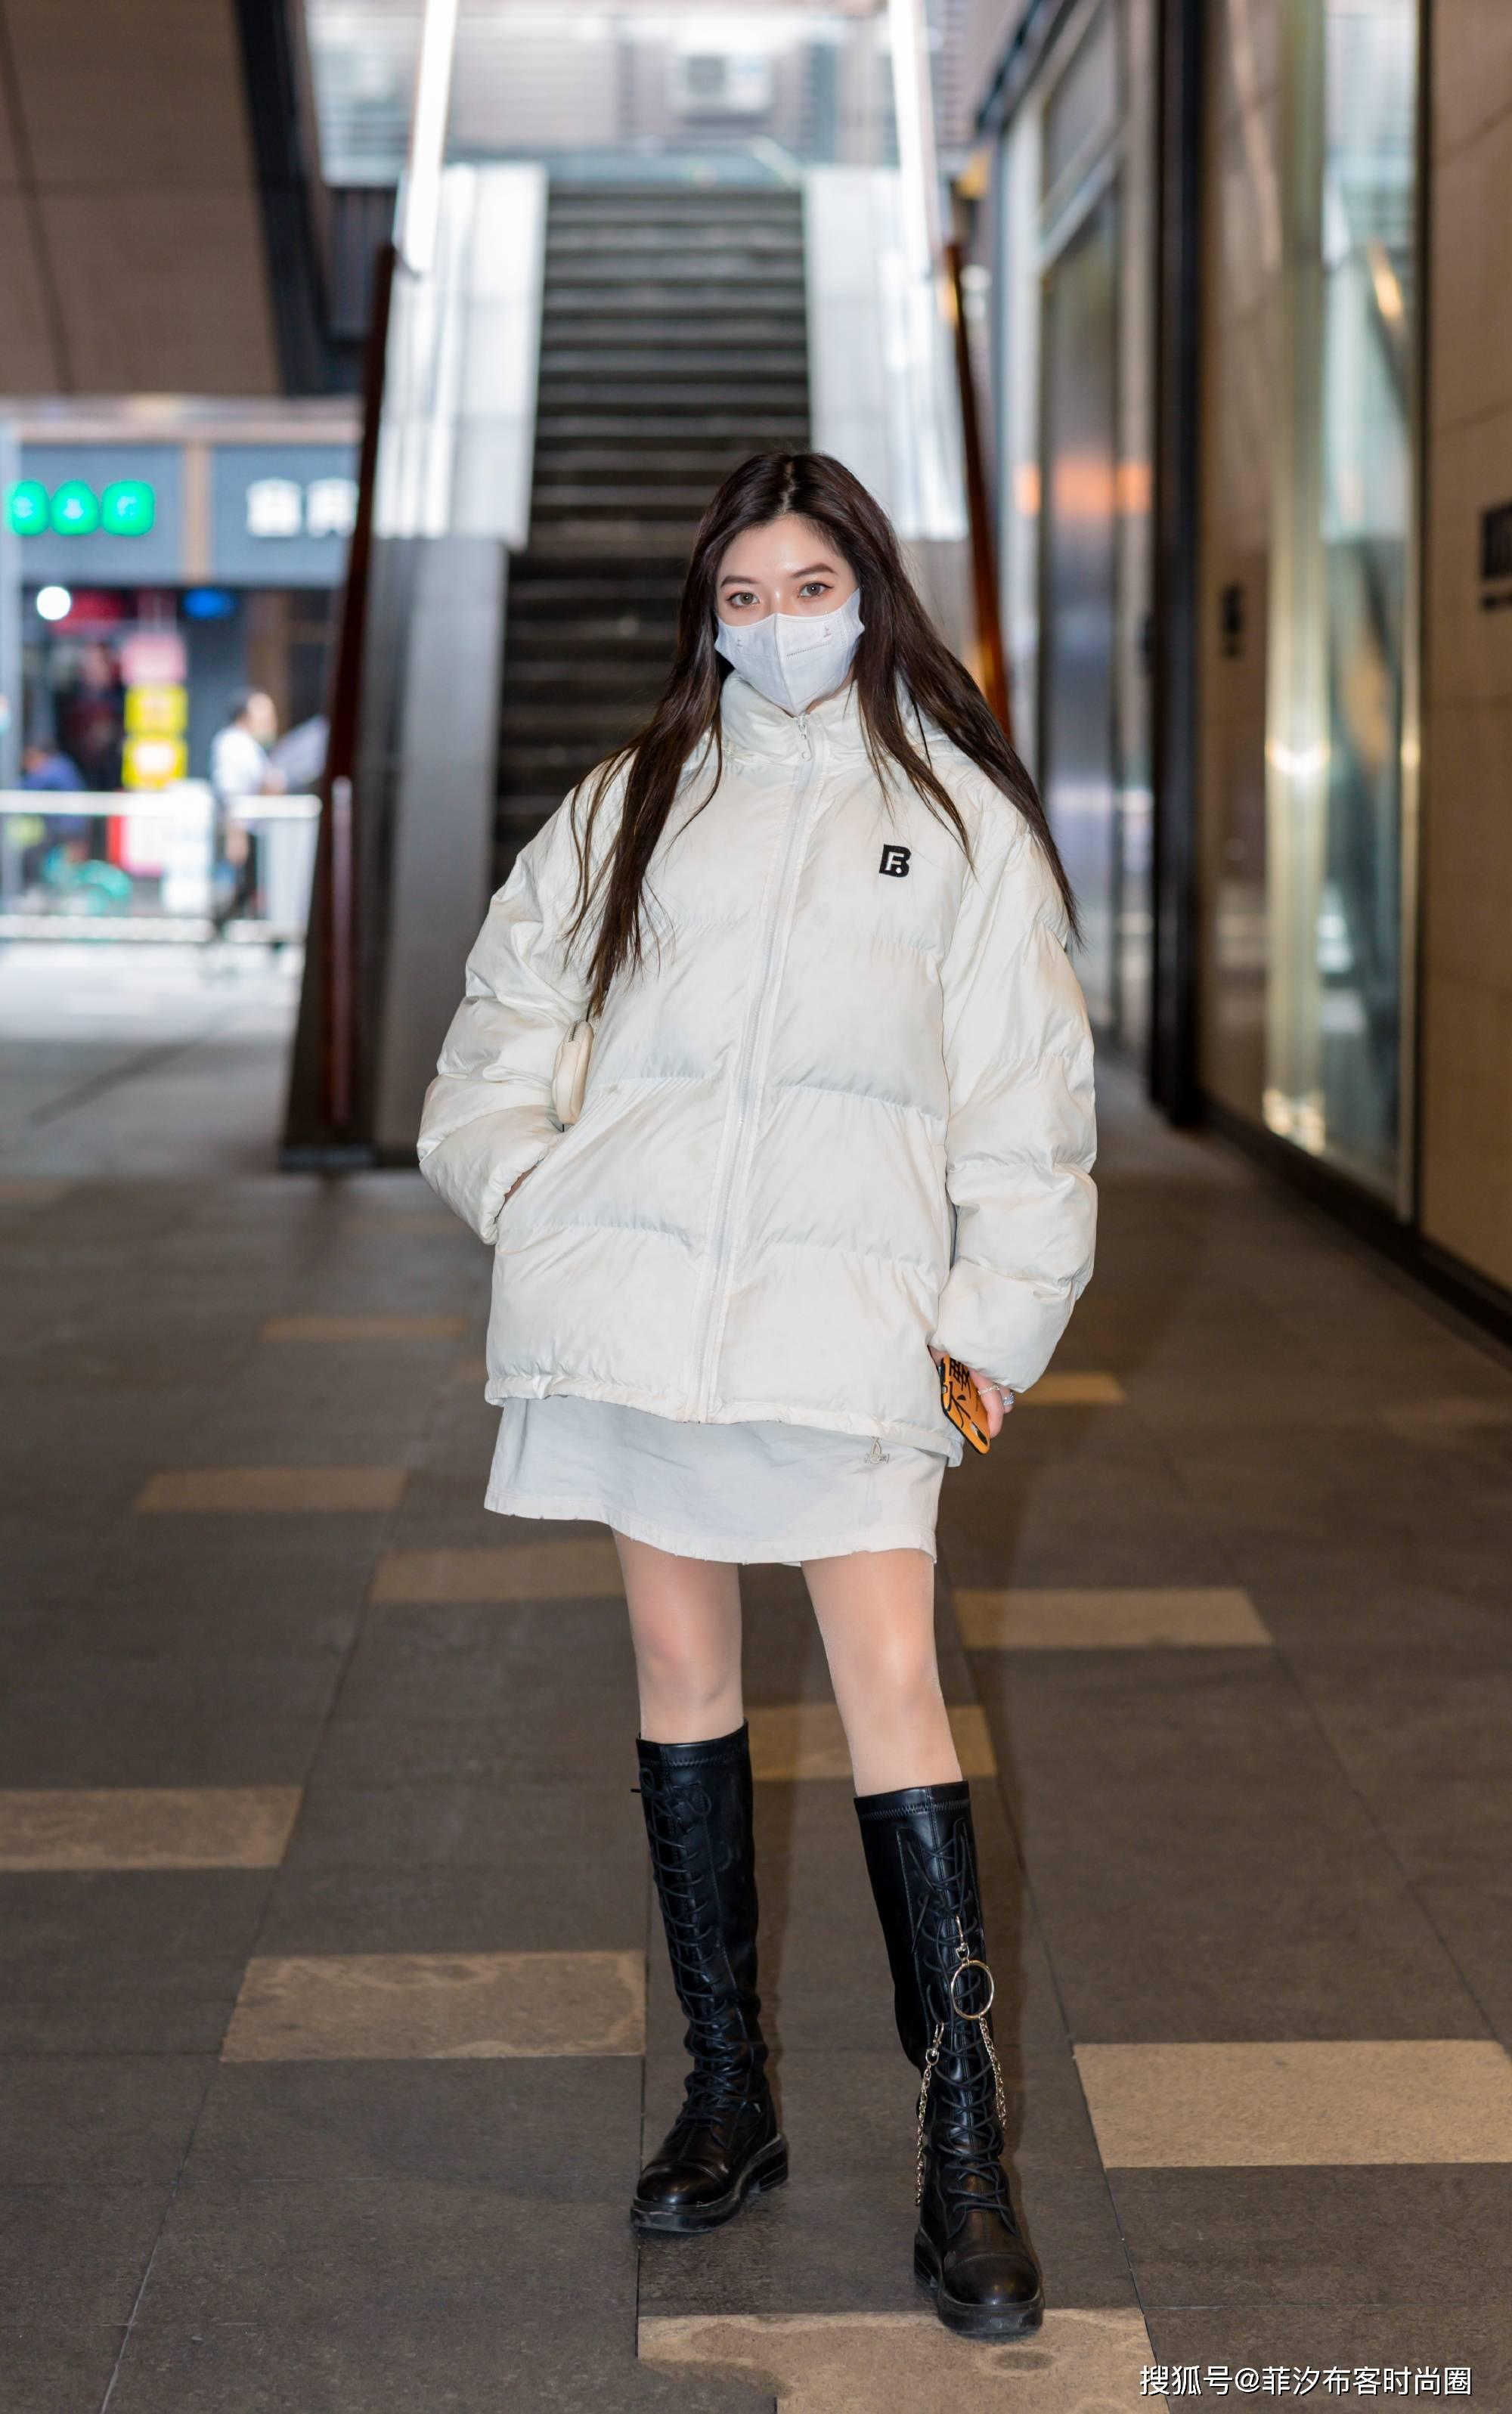 全国冻哭地图来袭,时尚小姐姐一件羽绒服,轻松暖暖过一冬